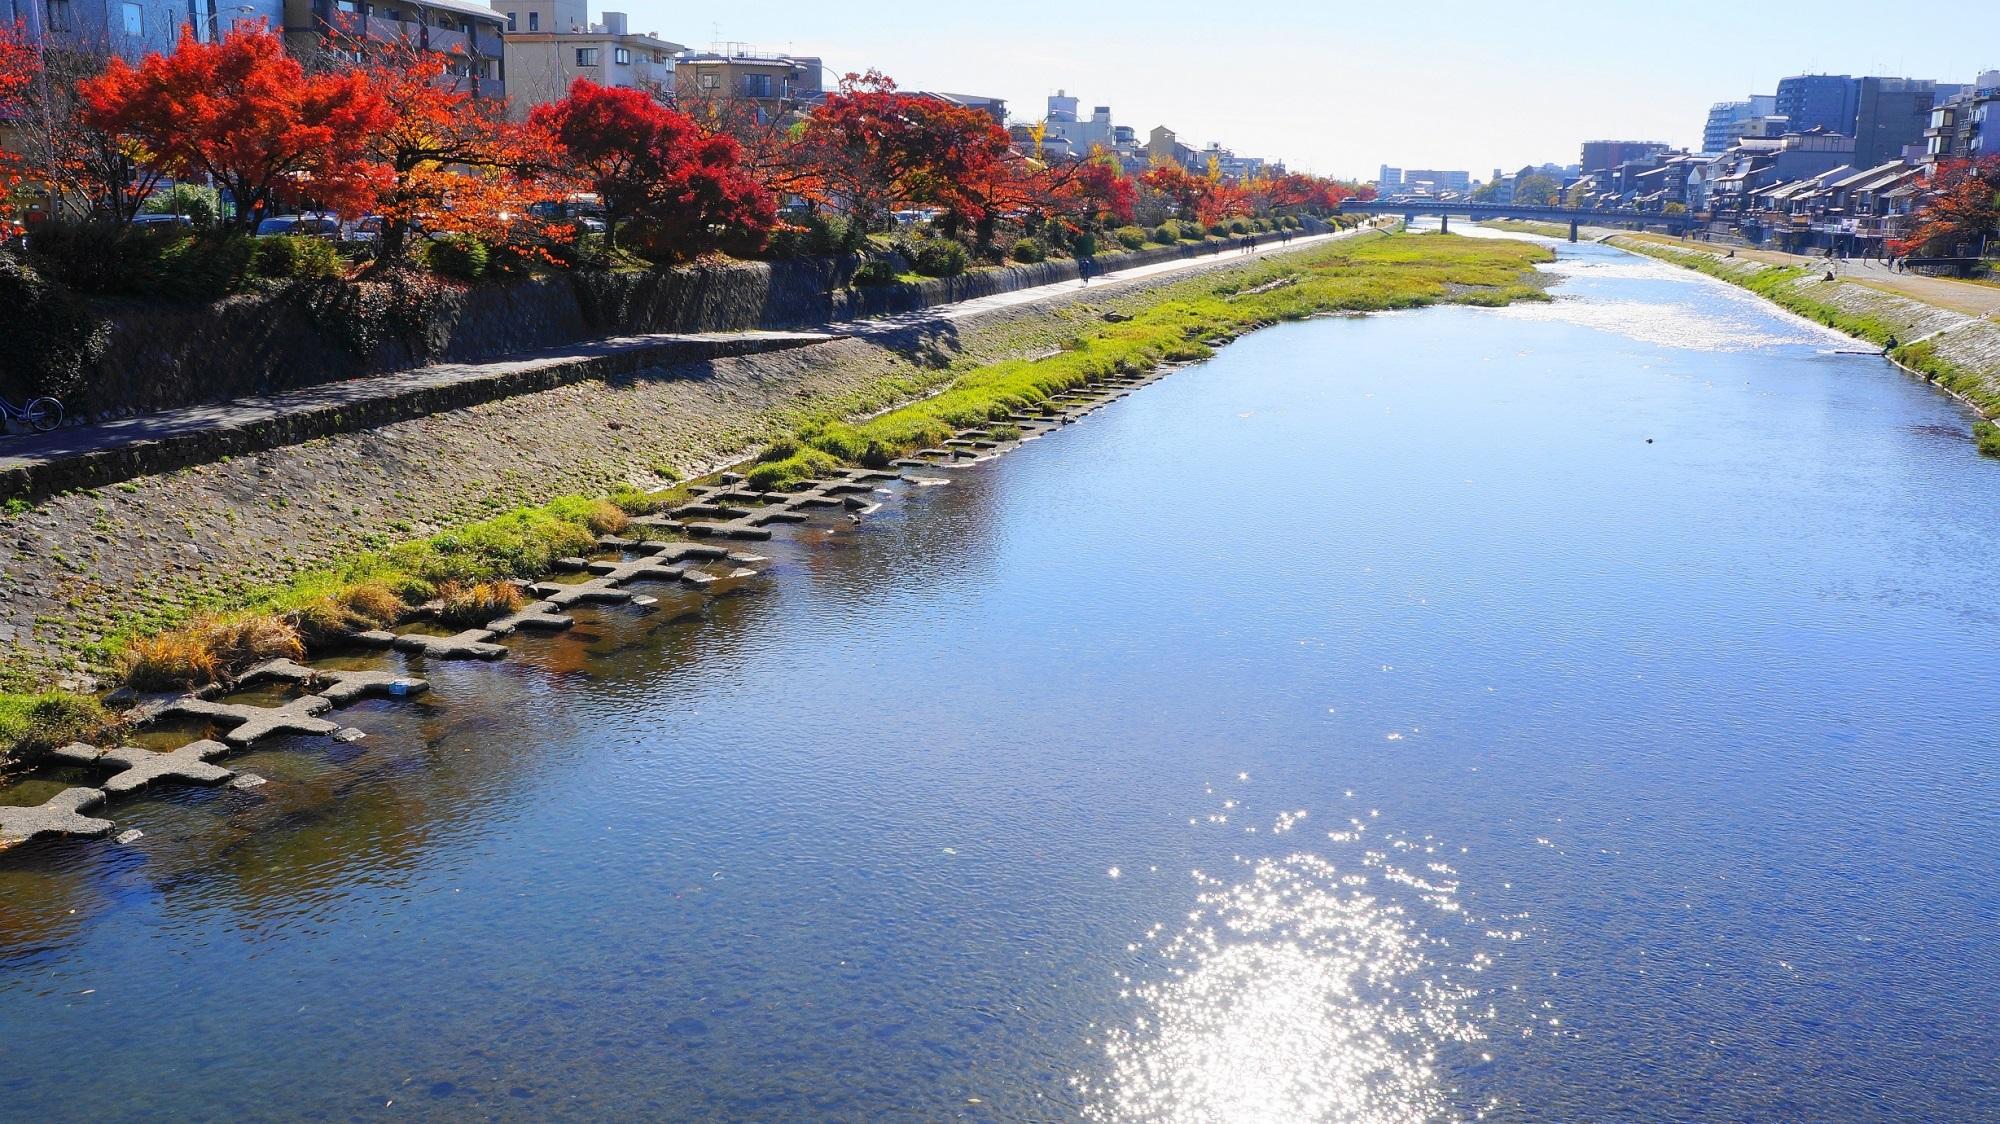 鴨川 紅葉 京都の長閑な秋の彩り